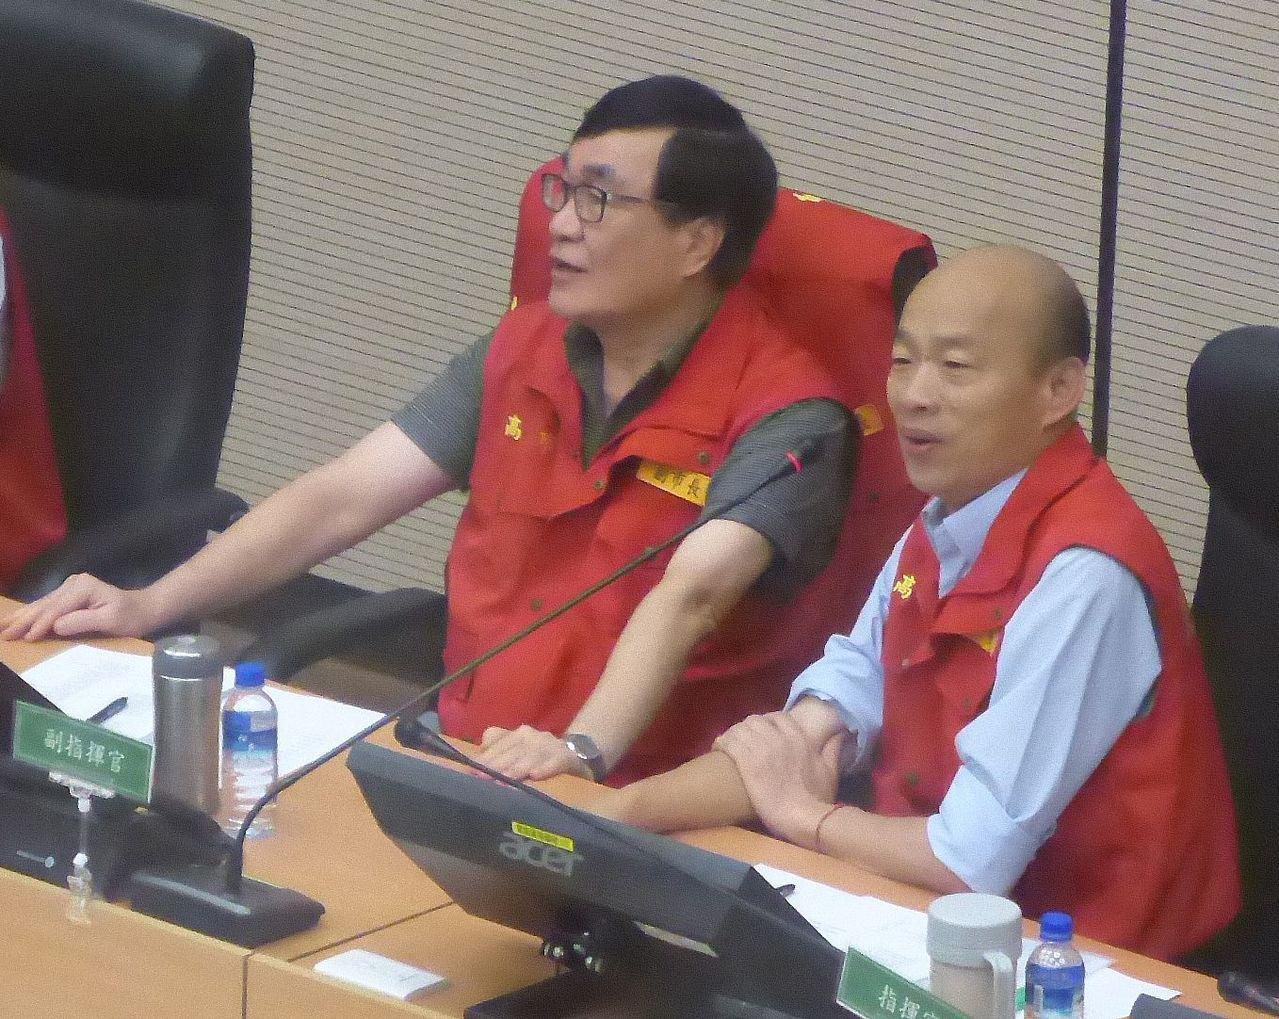 高雄市長韓國瑜(右)與行政院長蘇貞昌視訊,中央與地方共同關心白鹿颱風侵襲情形。記...